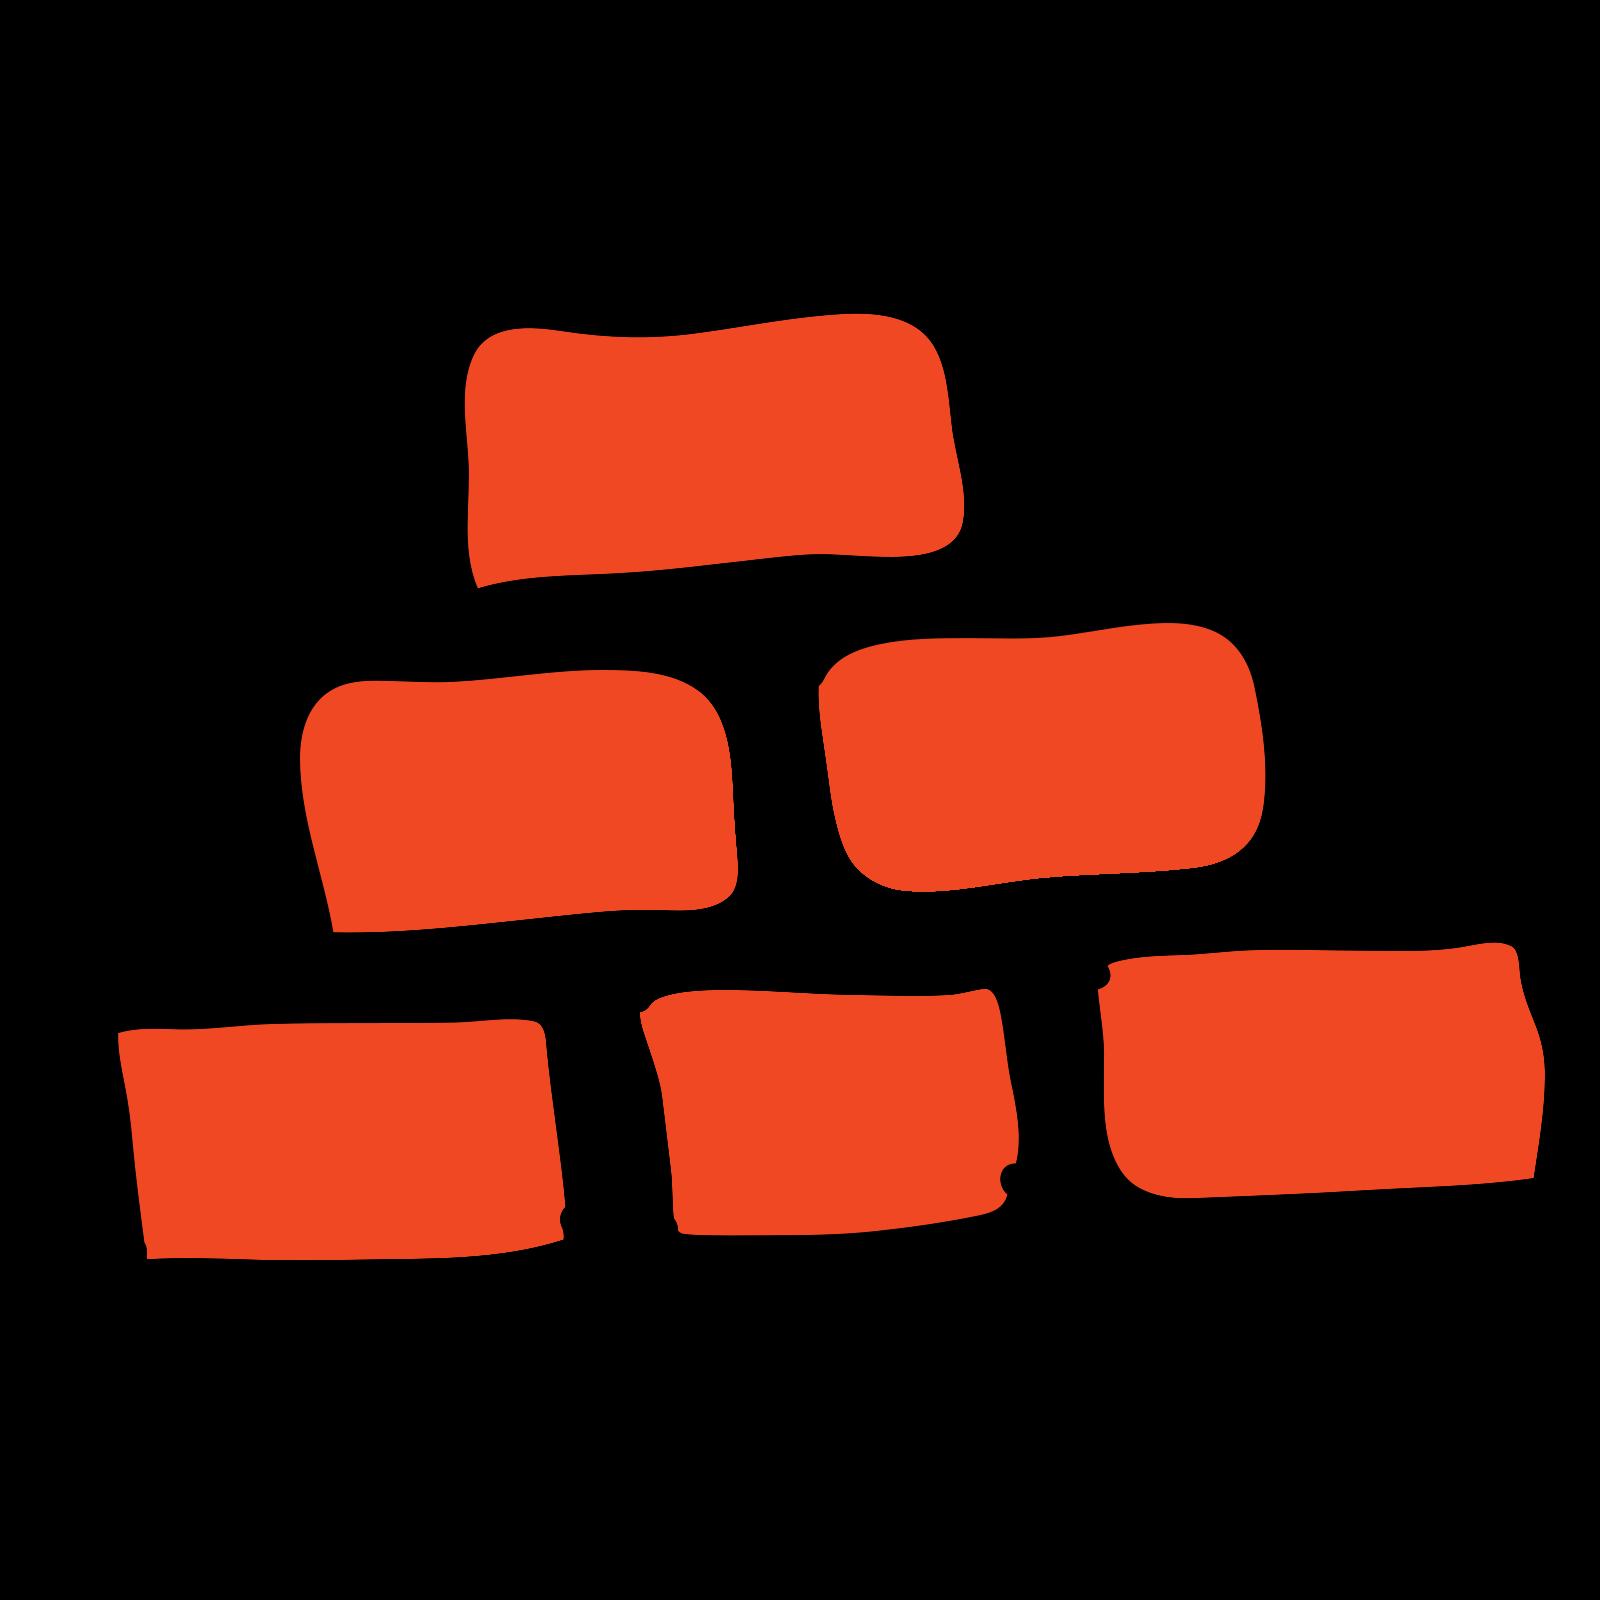 Mur z cegły icon